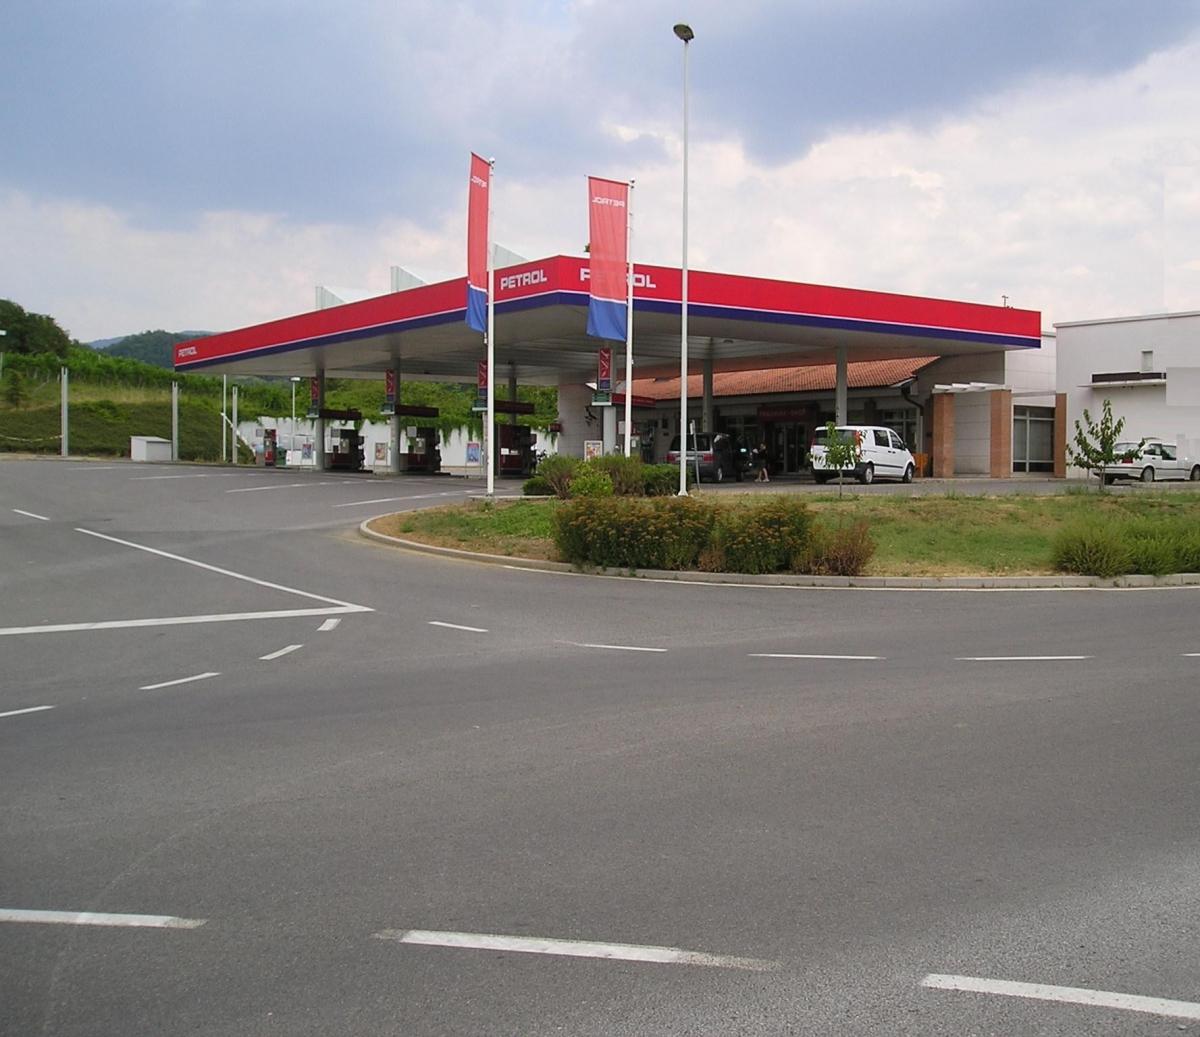 petrol-avtoplin-staloni